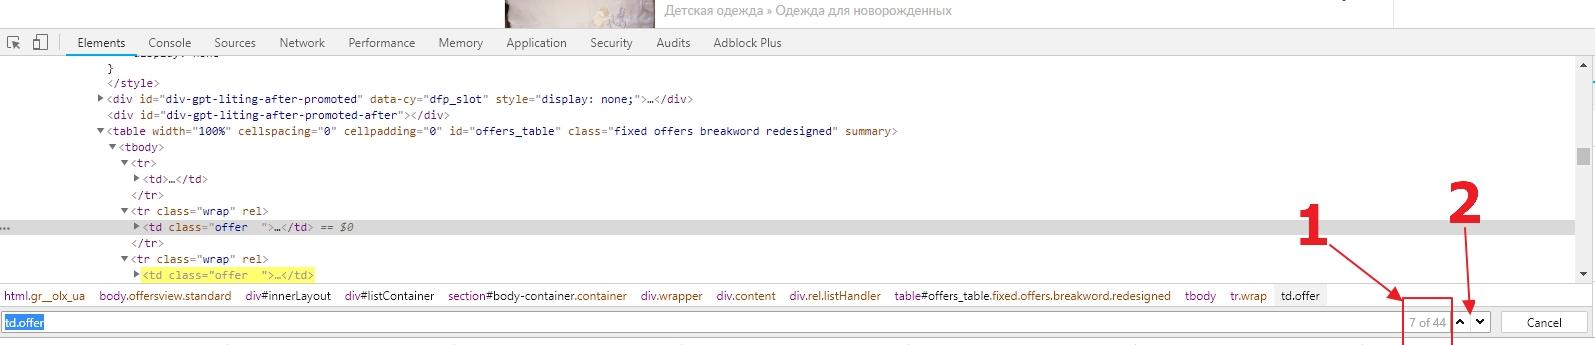 OLX: Checking CSS selector